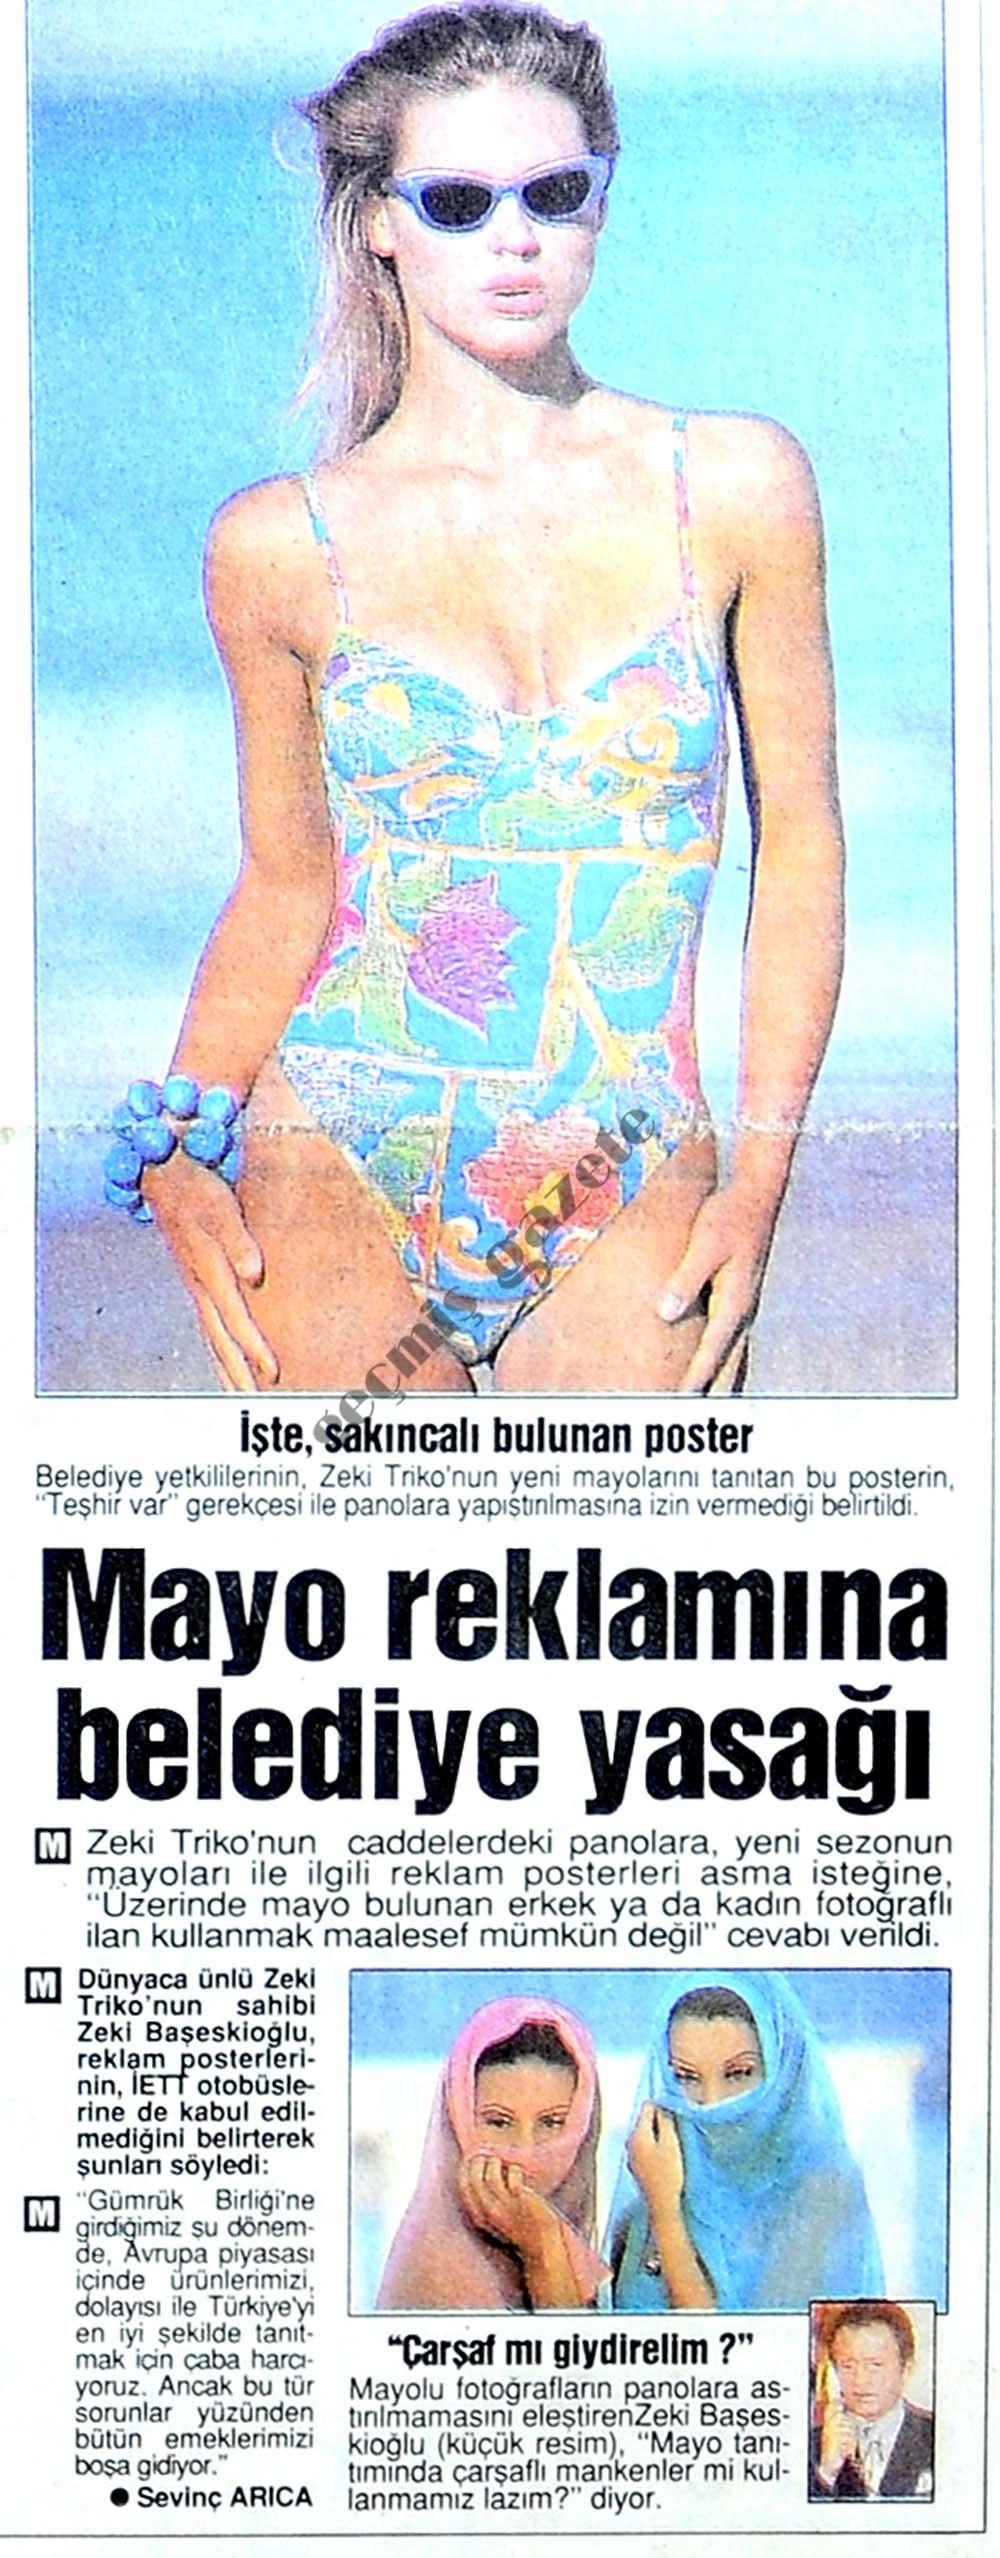 Mayo reklamına belediye yasağı